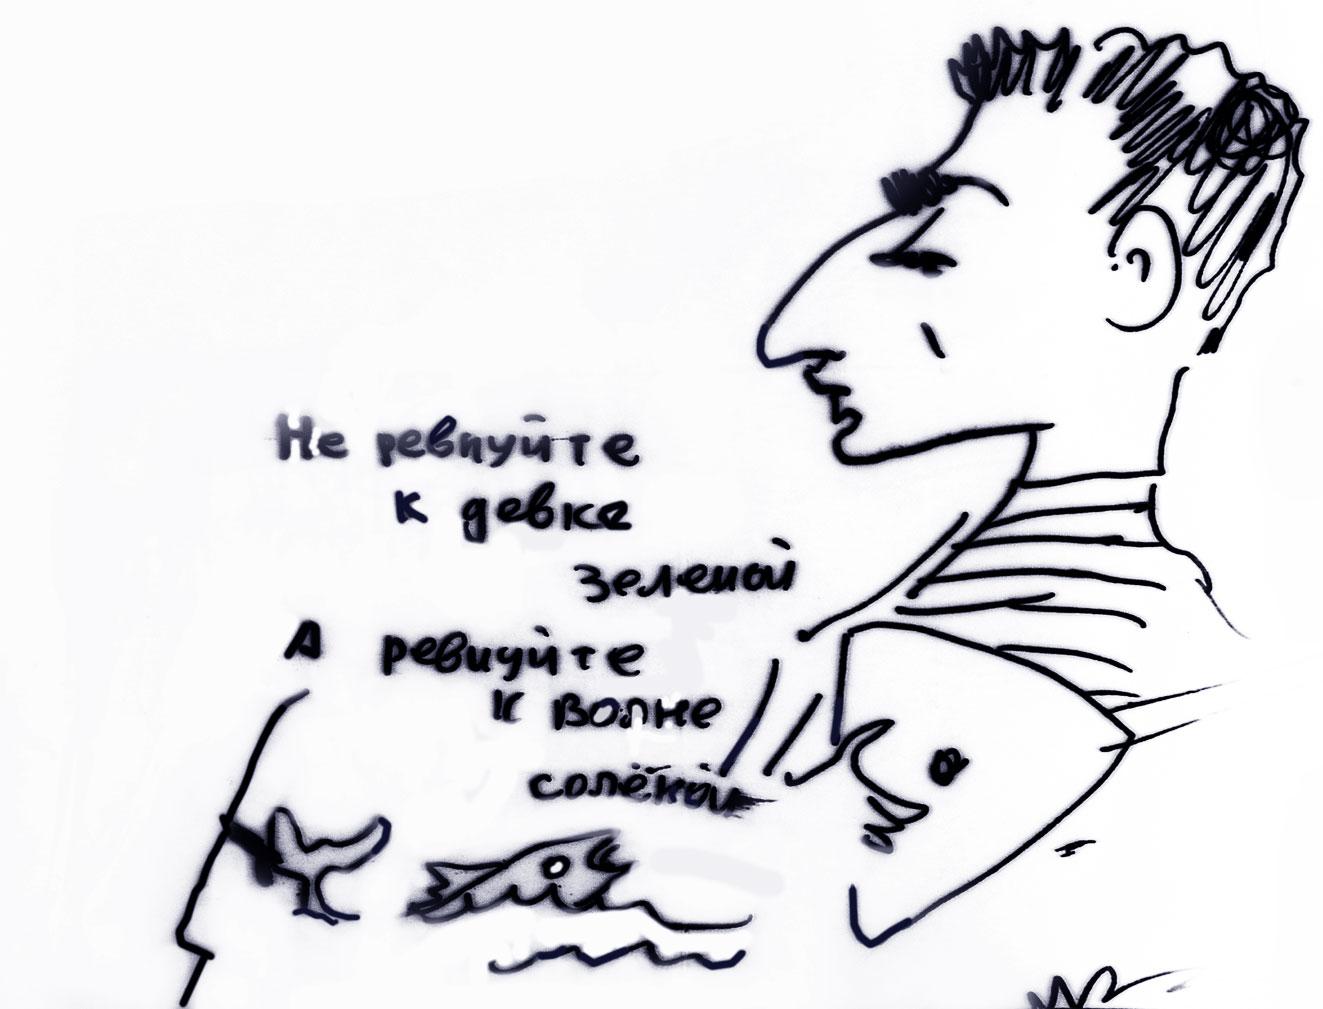 Карикатура на Александра Городницкого. 2004 год